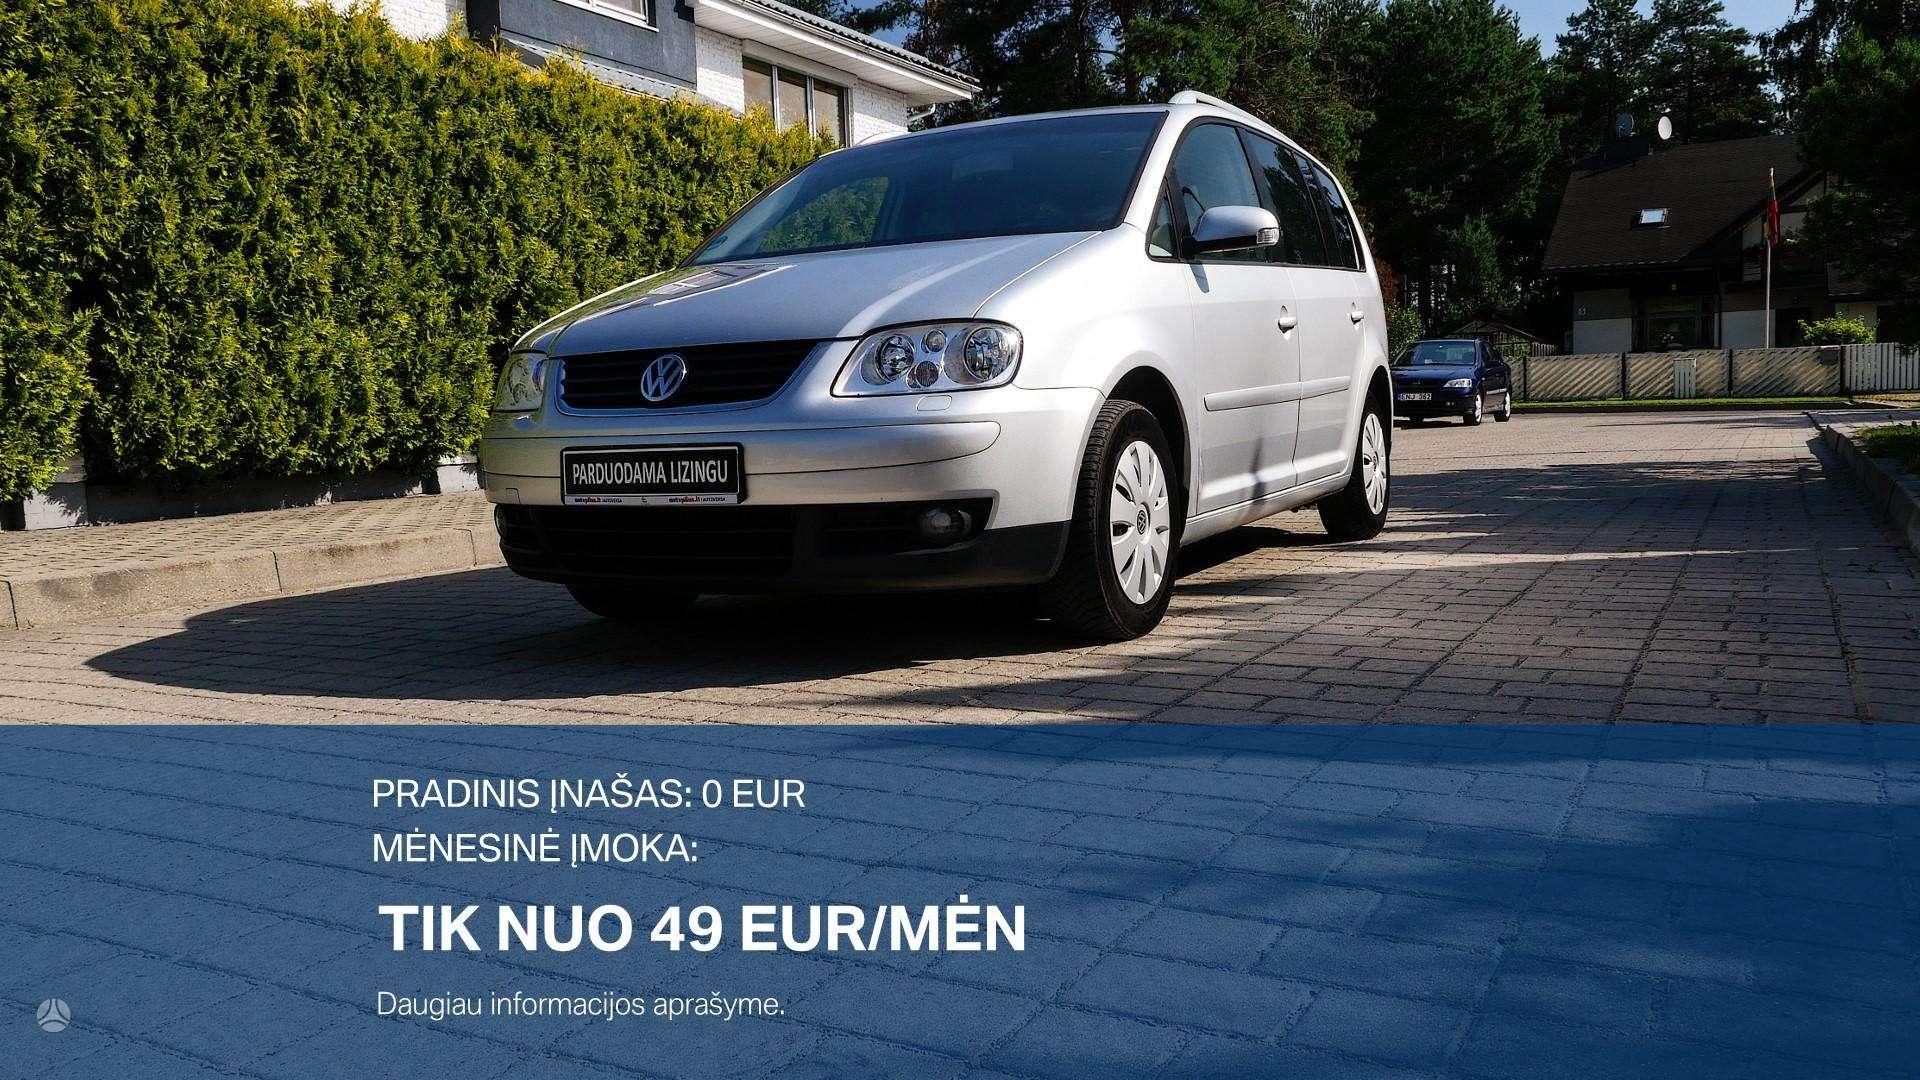 Volkswagen Touran išsimokėtinai nuo 49Eur/Mėn su 3 mėnesių garantija